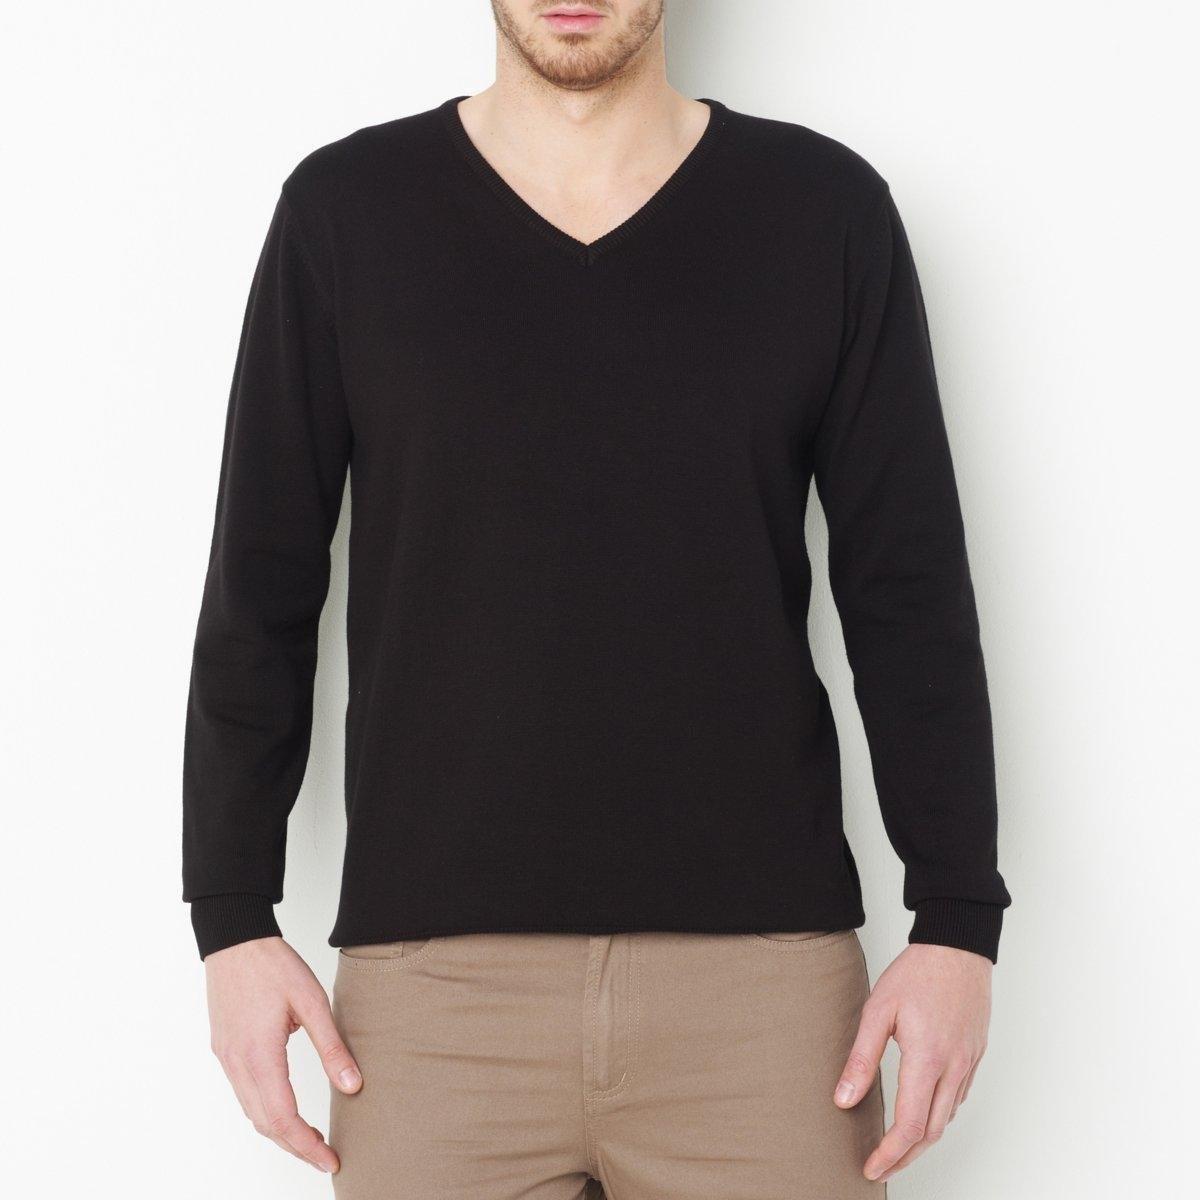 купить Пуловер большого размера с V-образным вырезом из тонкого трикотажа по цене 1899.5 рублей